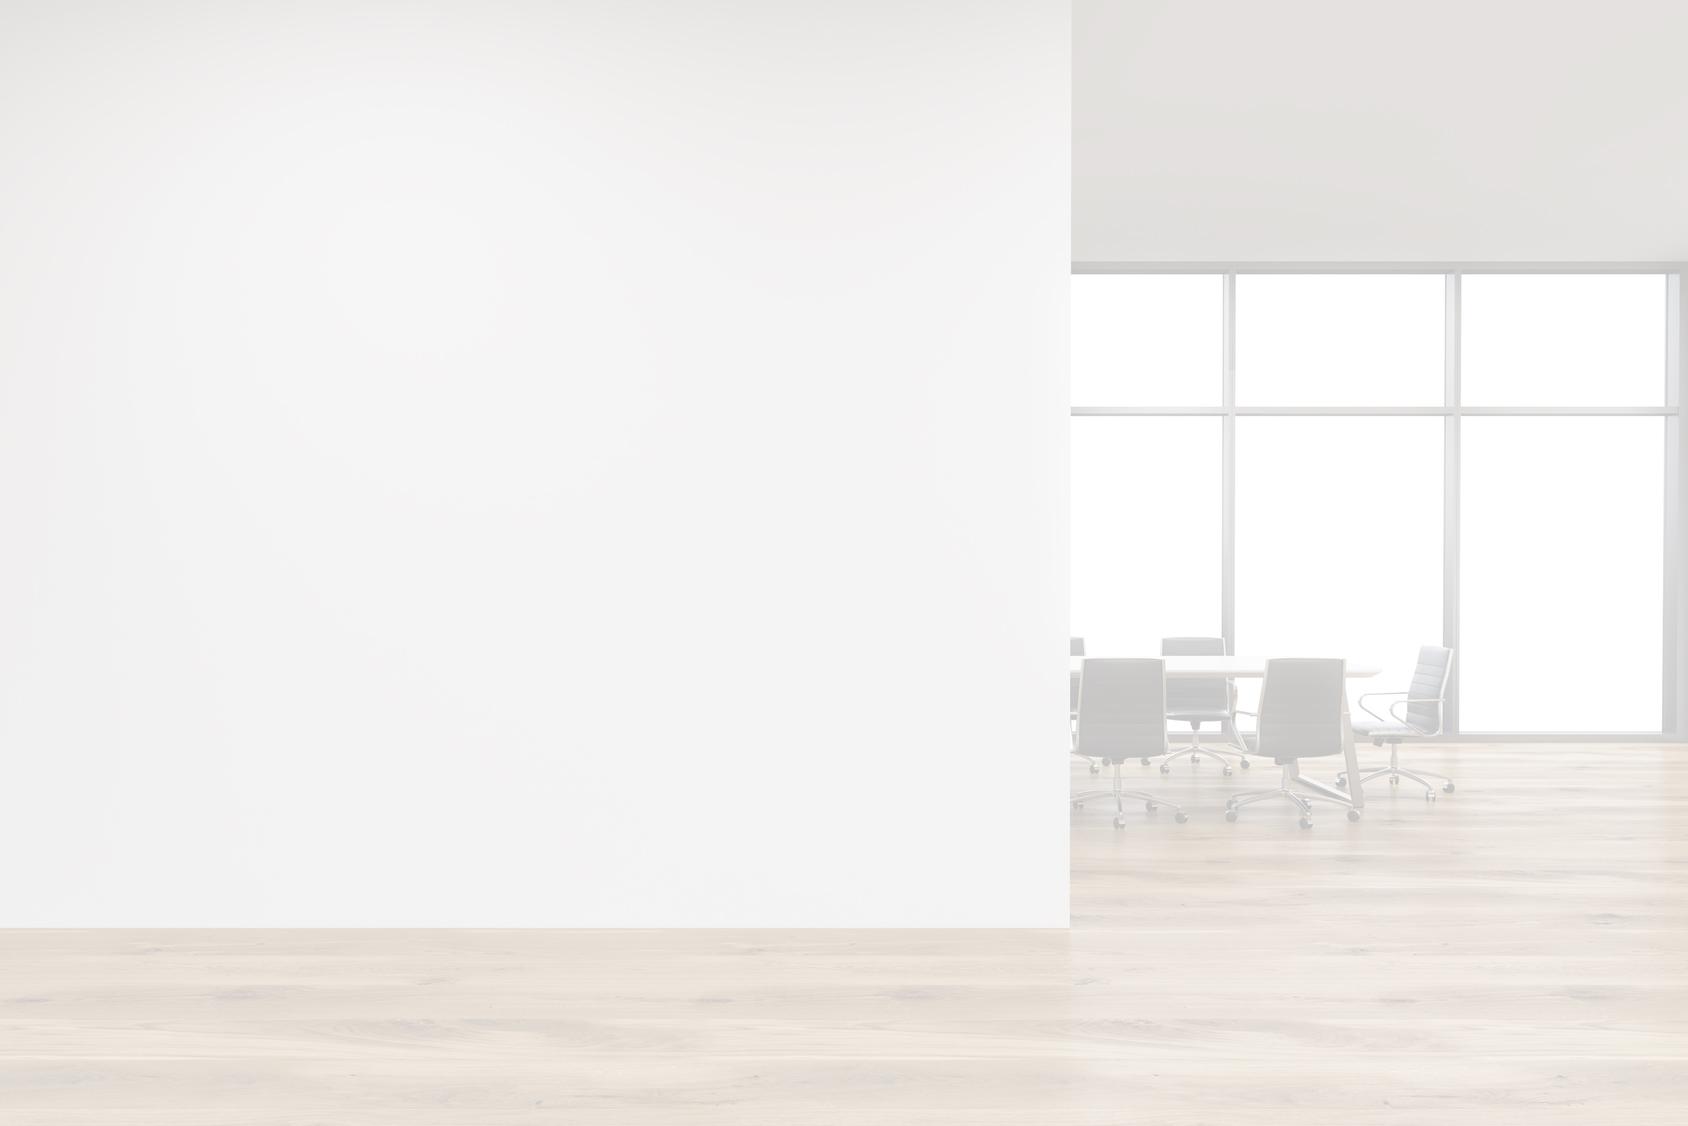 immobilienmakler kotschenreuther immobilien bamberg. Black Bedroom Furniture Sets. Home Design Ideas